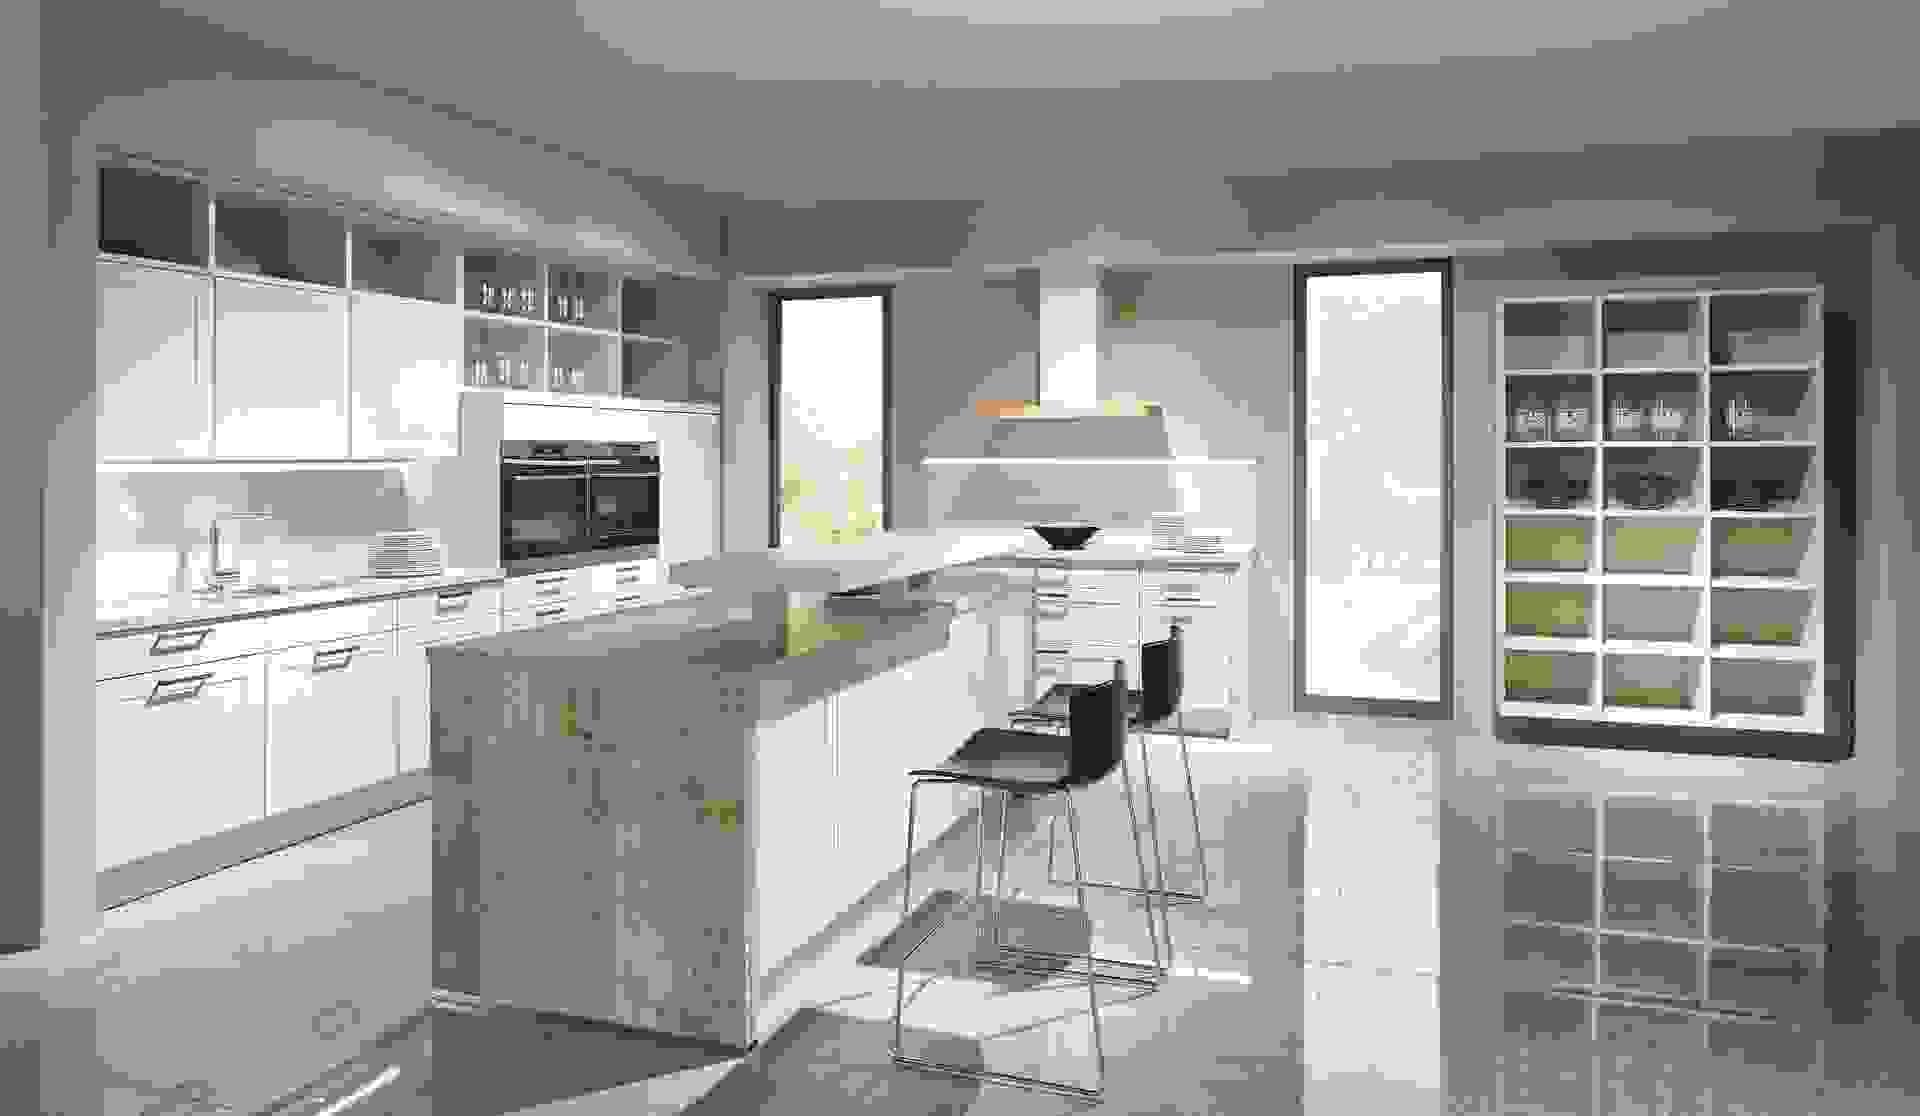 Progettare la propria cucina con lo studio selectiv di brunico - Progettare la cucina ...